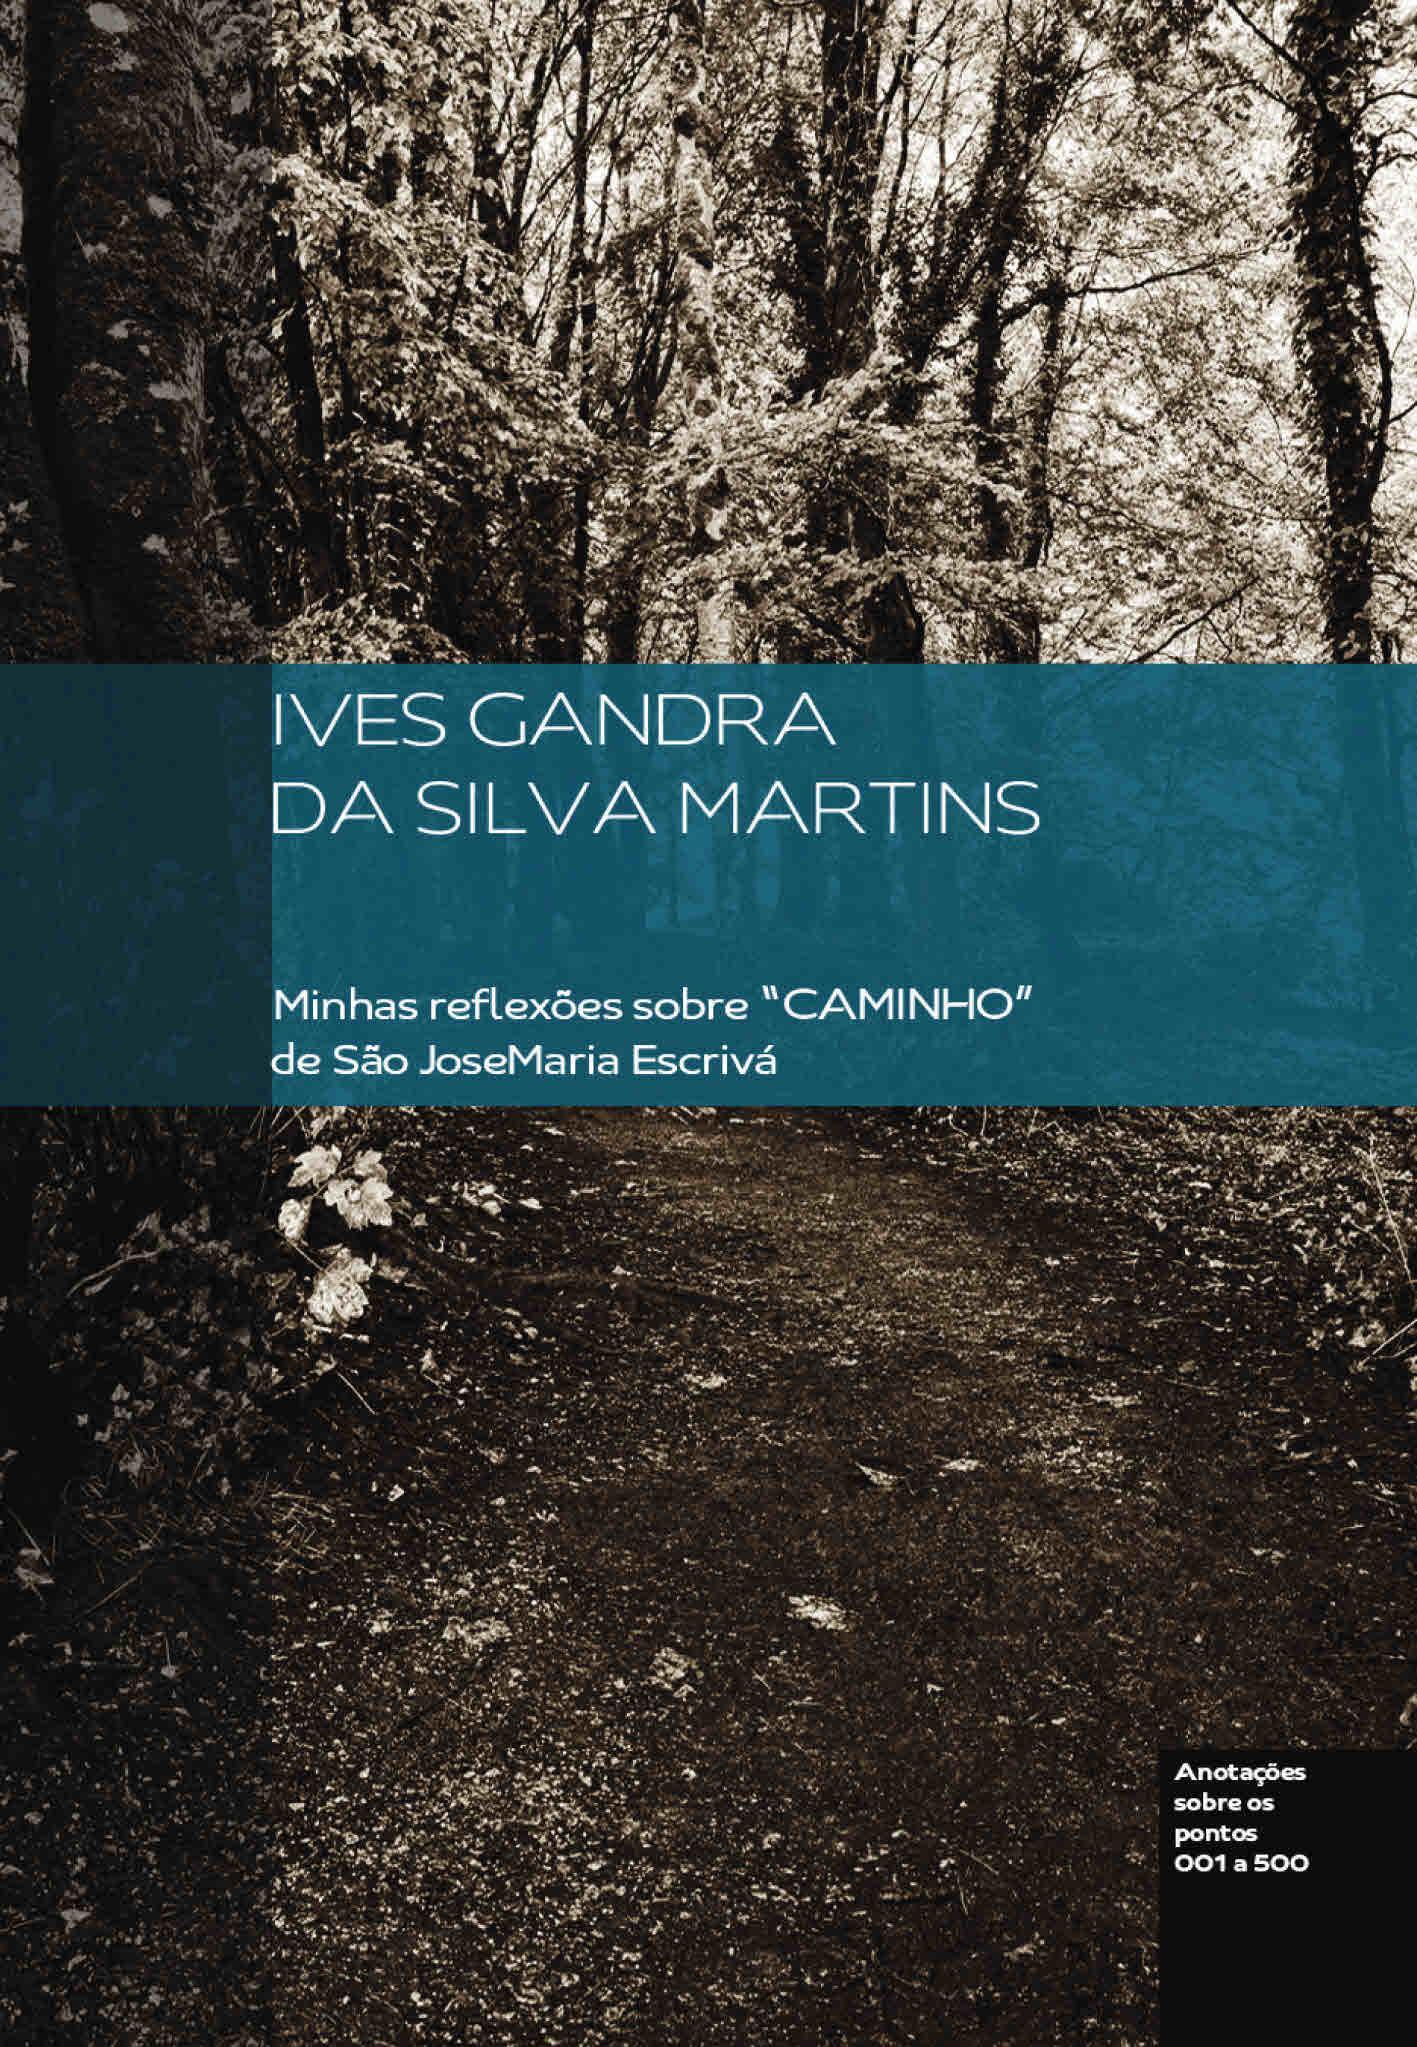 Minhas reflexões sobre o Caminho de São Josemaria Escrivá: pontos 1 a 500